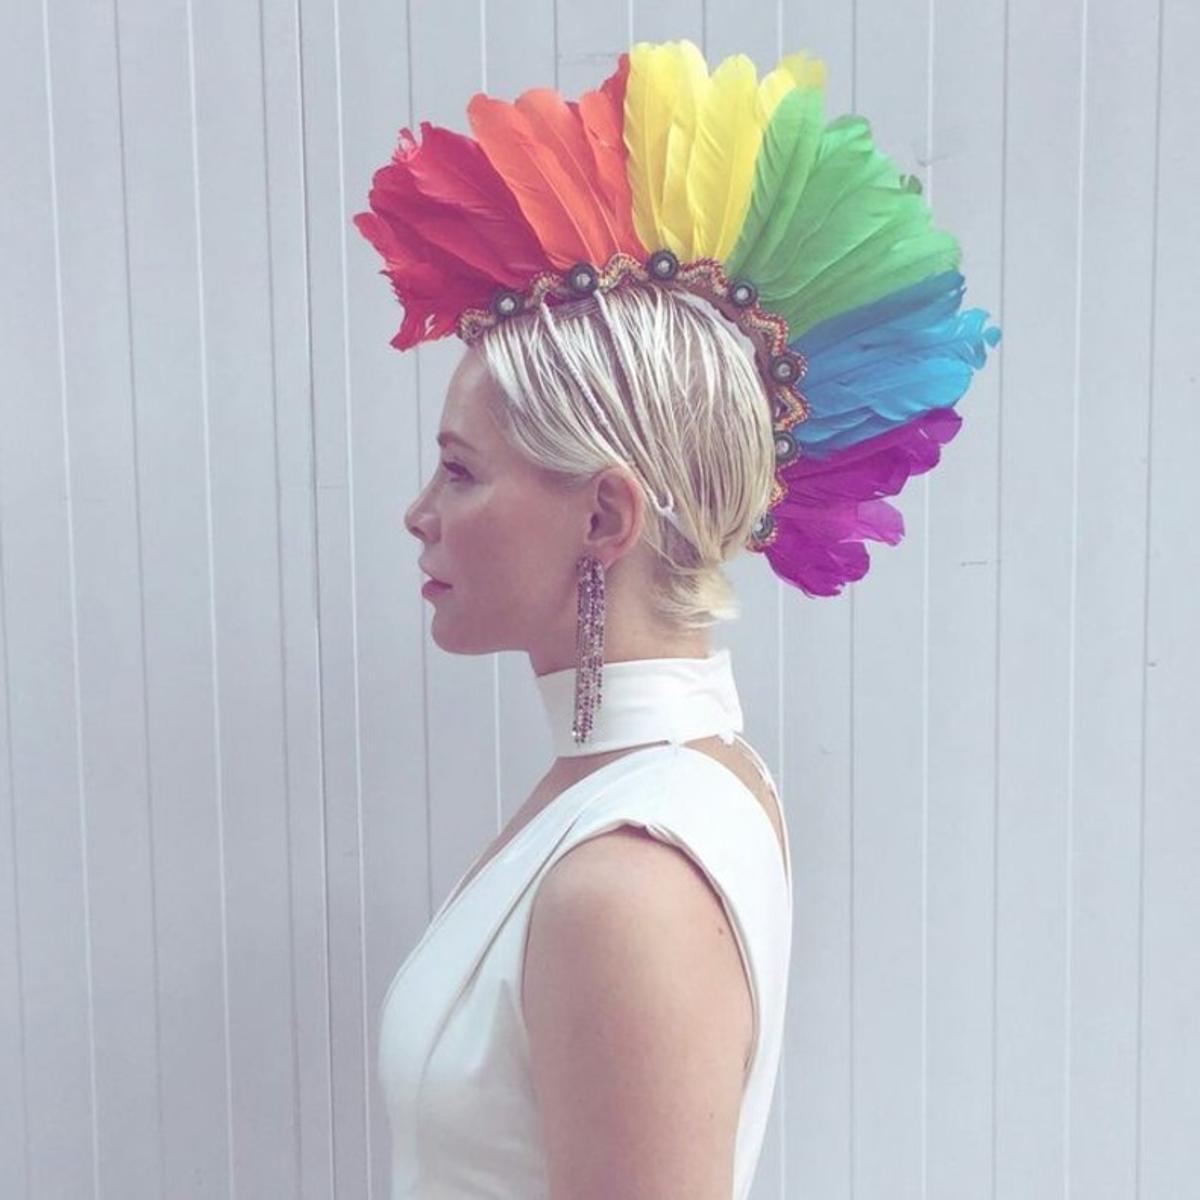 La cantante Soraya, con la corona de plumas que lució en la World Pride 2017.